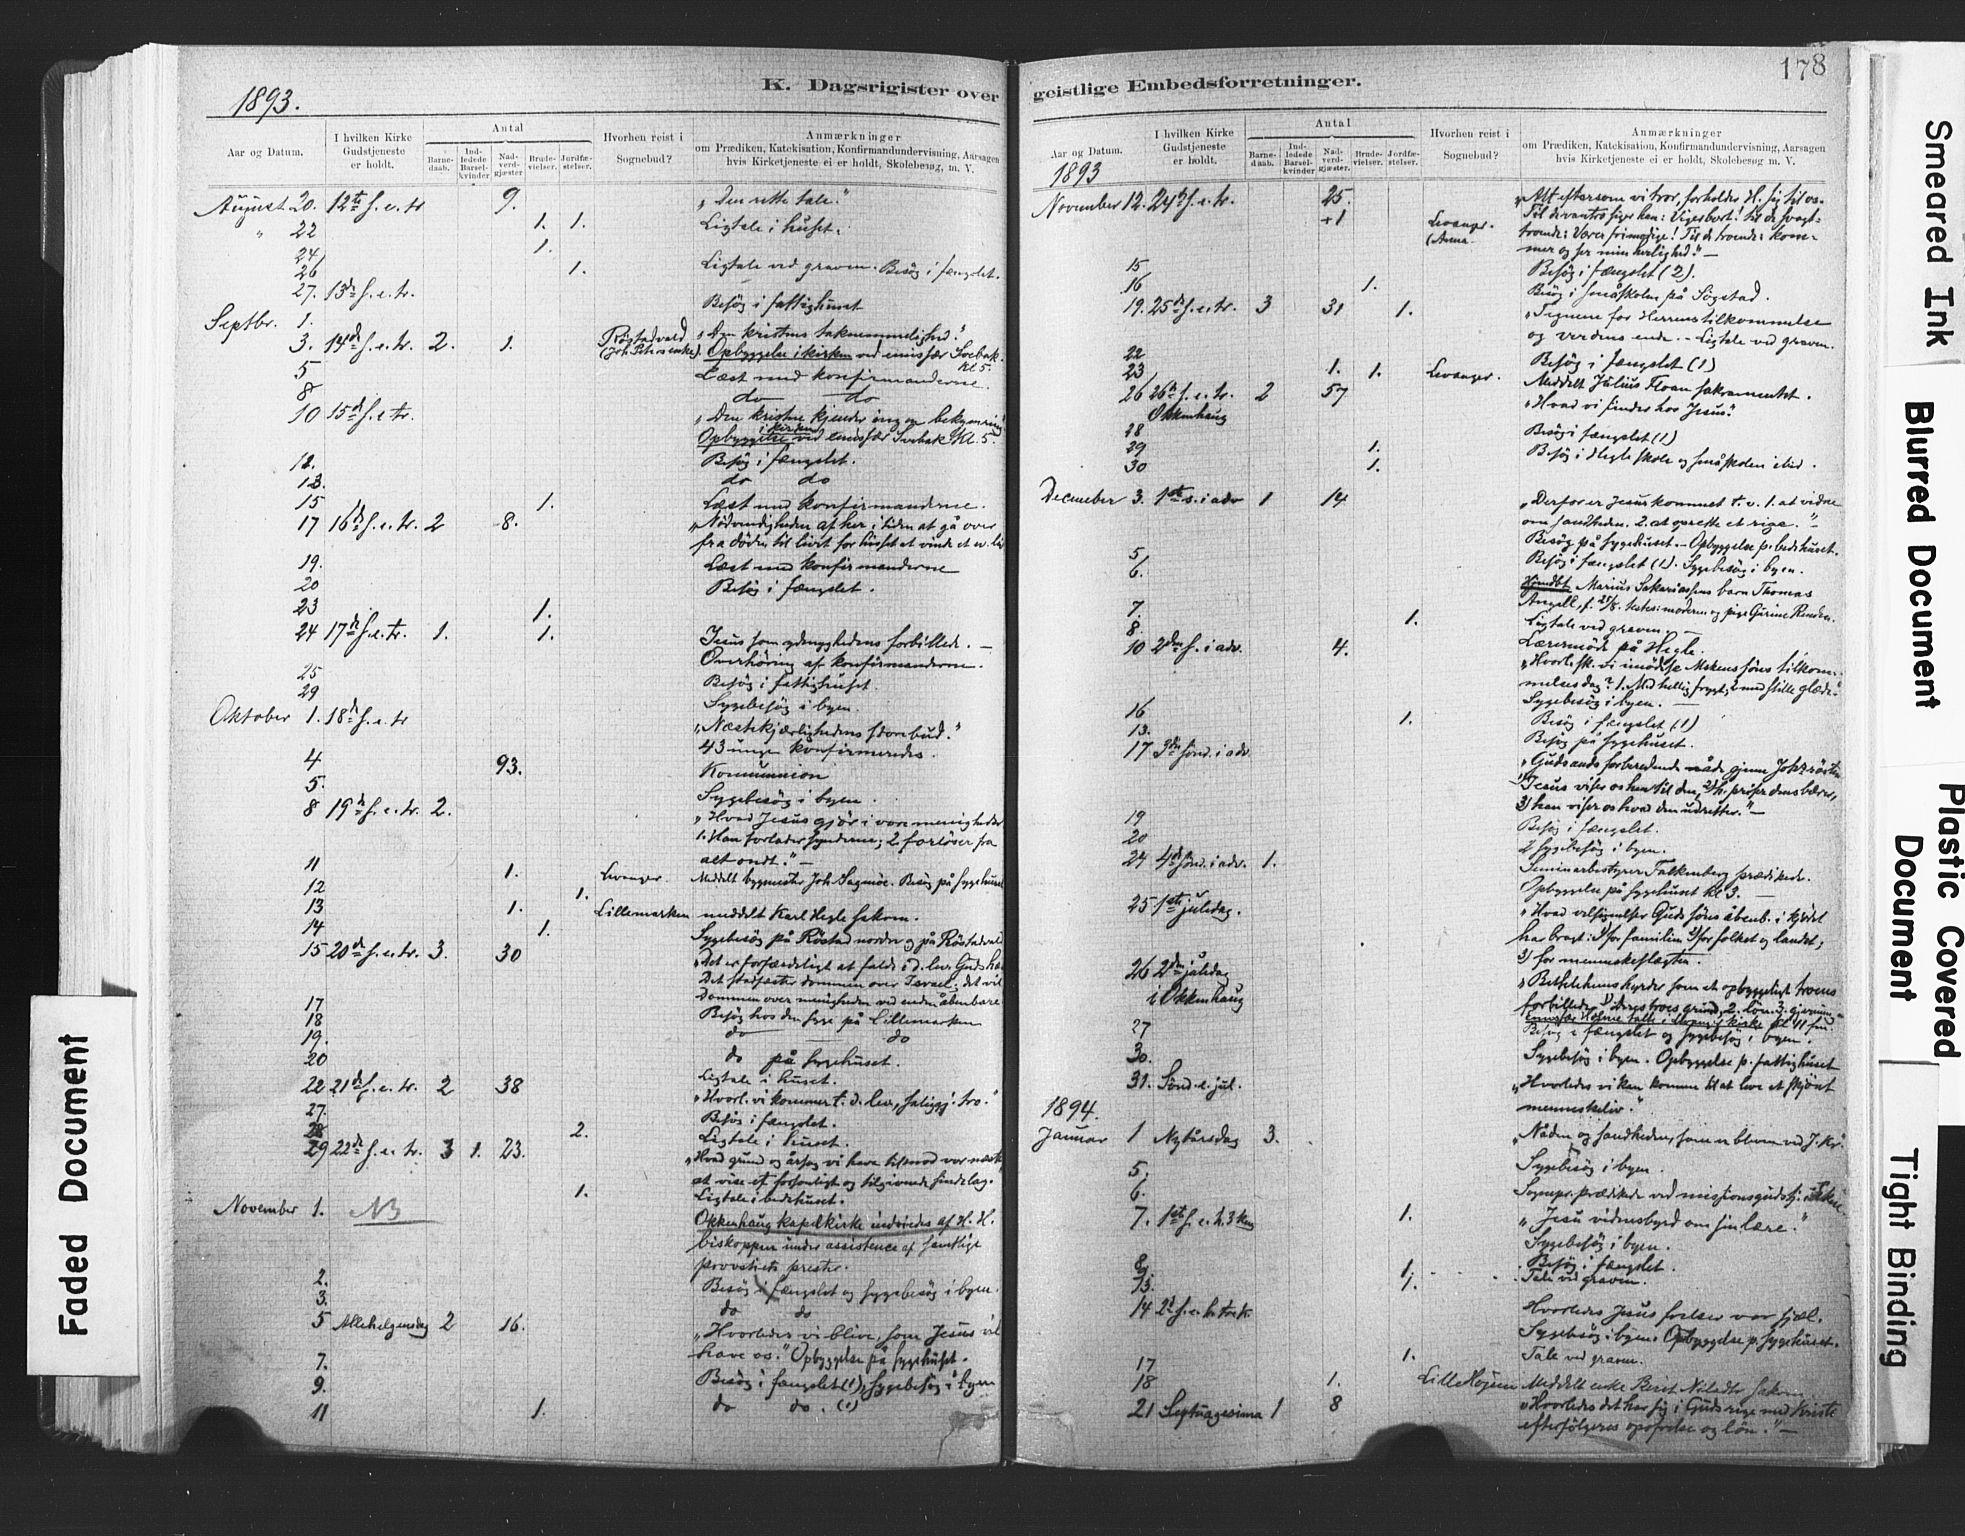 SAT, Ministerialprotokoller, klokkerbøker og fødselsregistre - Nord-Trøndelag, 720/L0189: Ministerialbok nr. 720A05, 1880-1911, s. 178